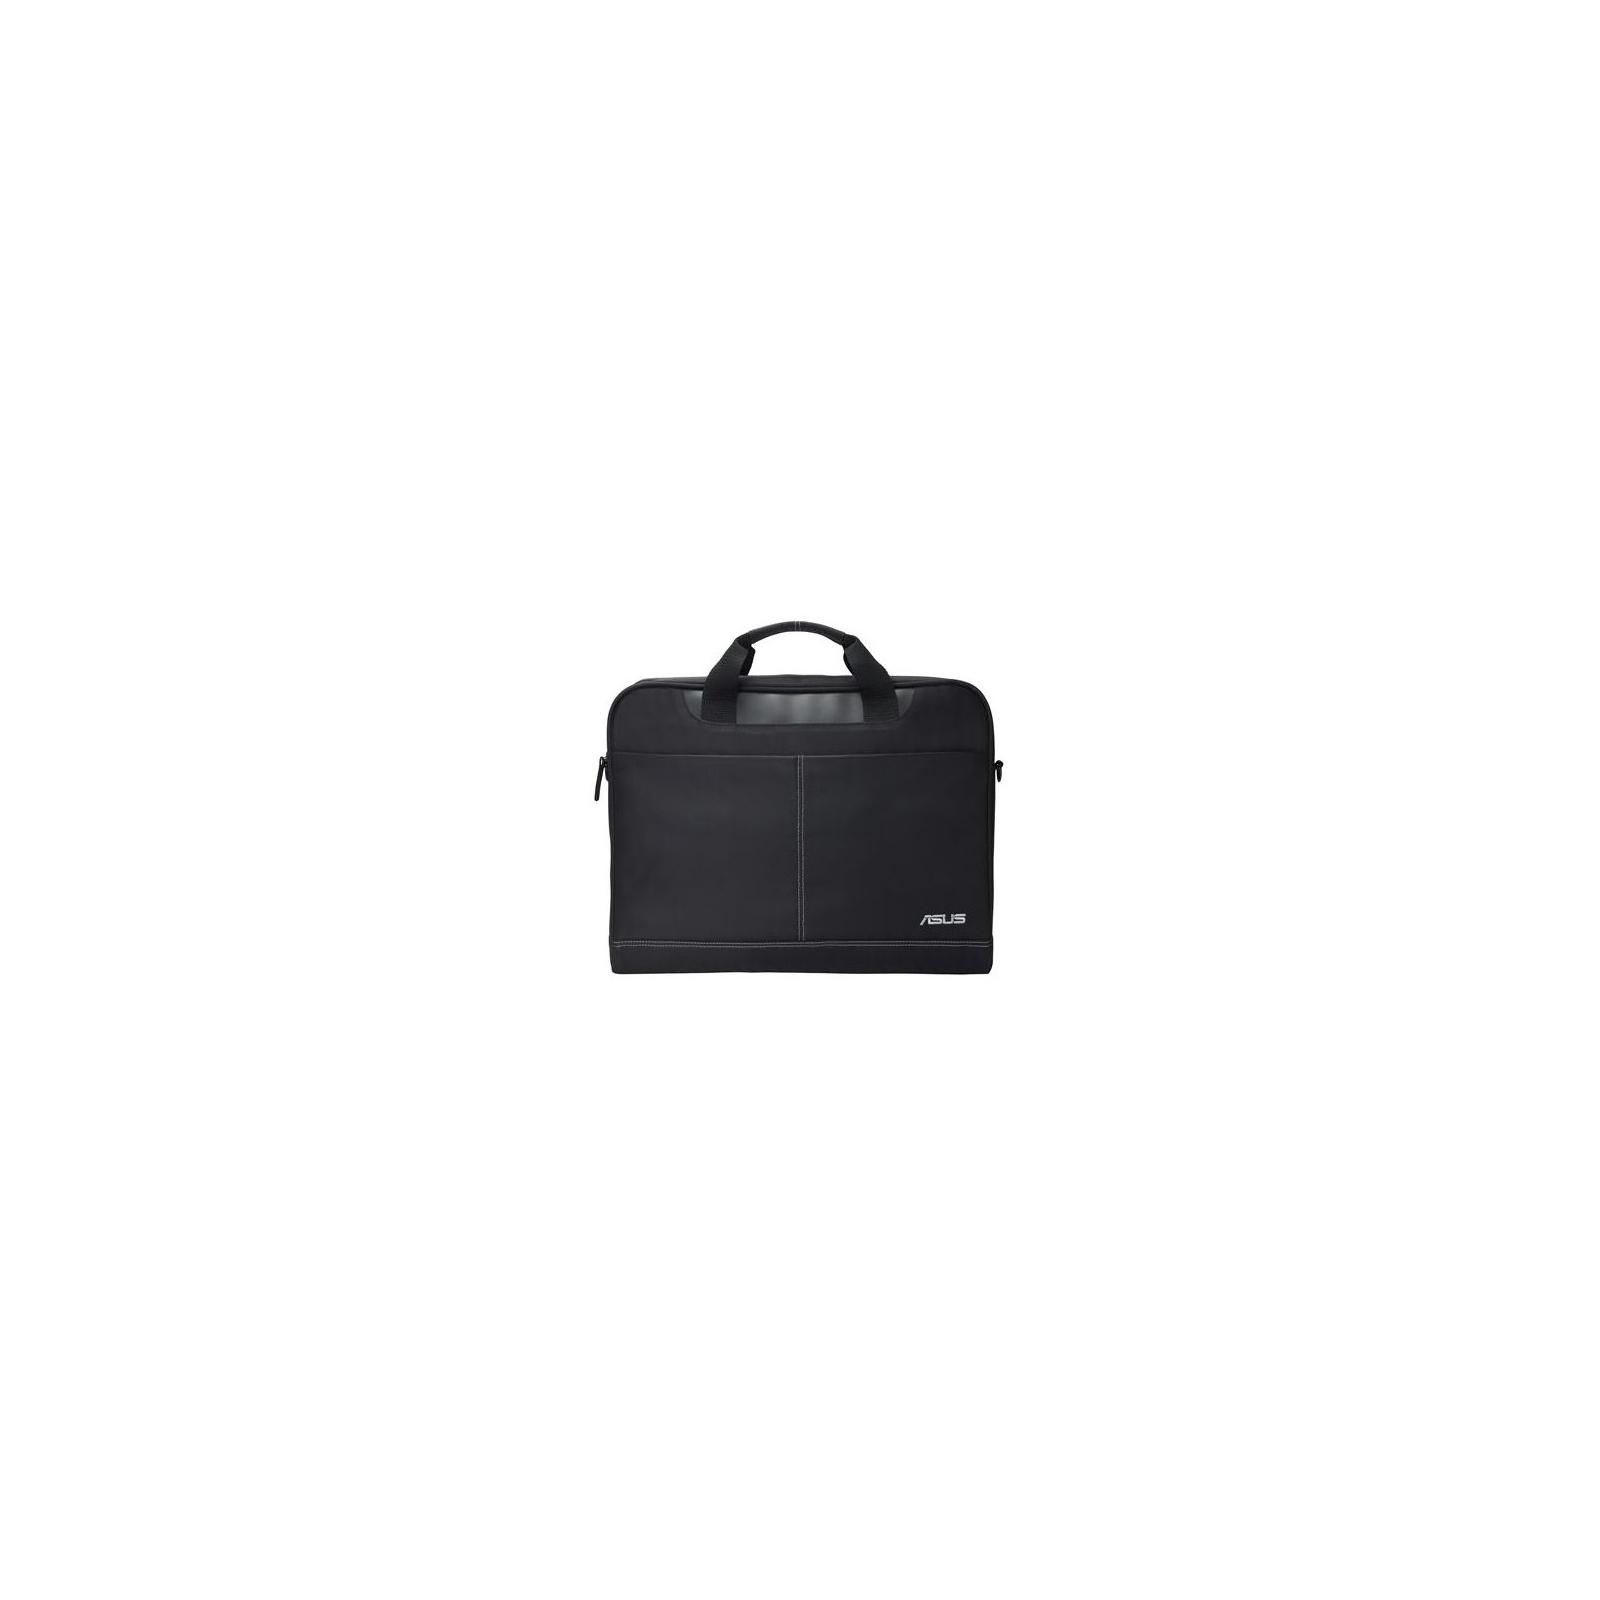 90179d56f6a9 Сумка для ноутбука ASUS 16 NEREUS carry bag (90-XB4000BA00010-) цены ...